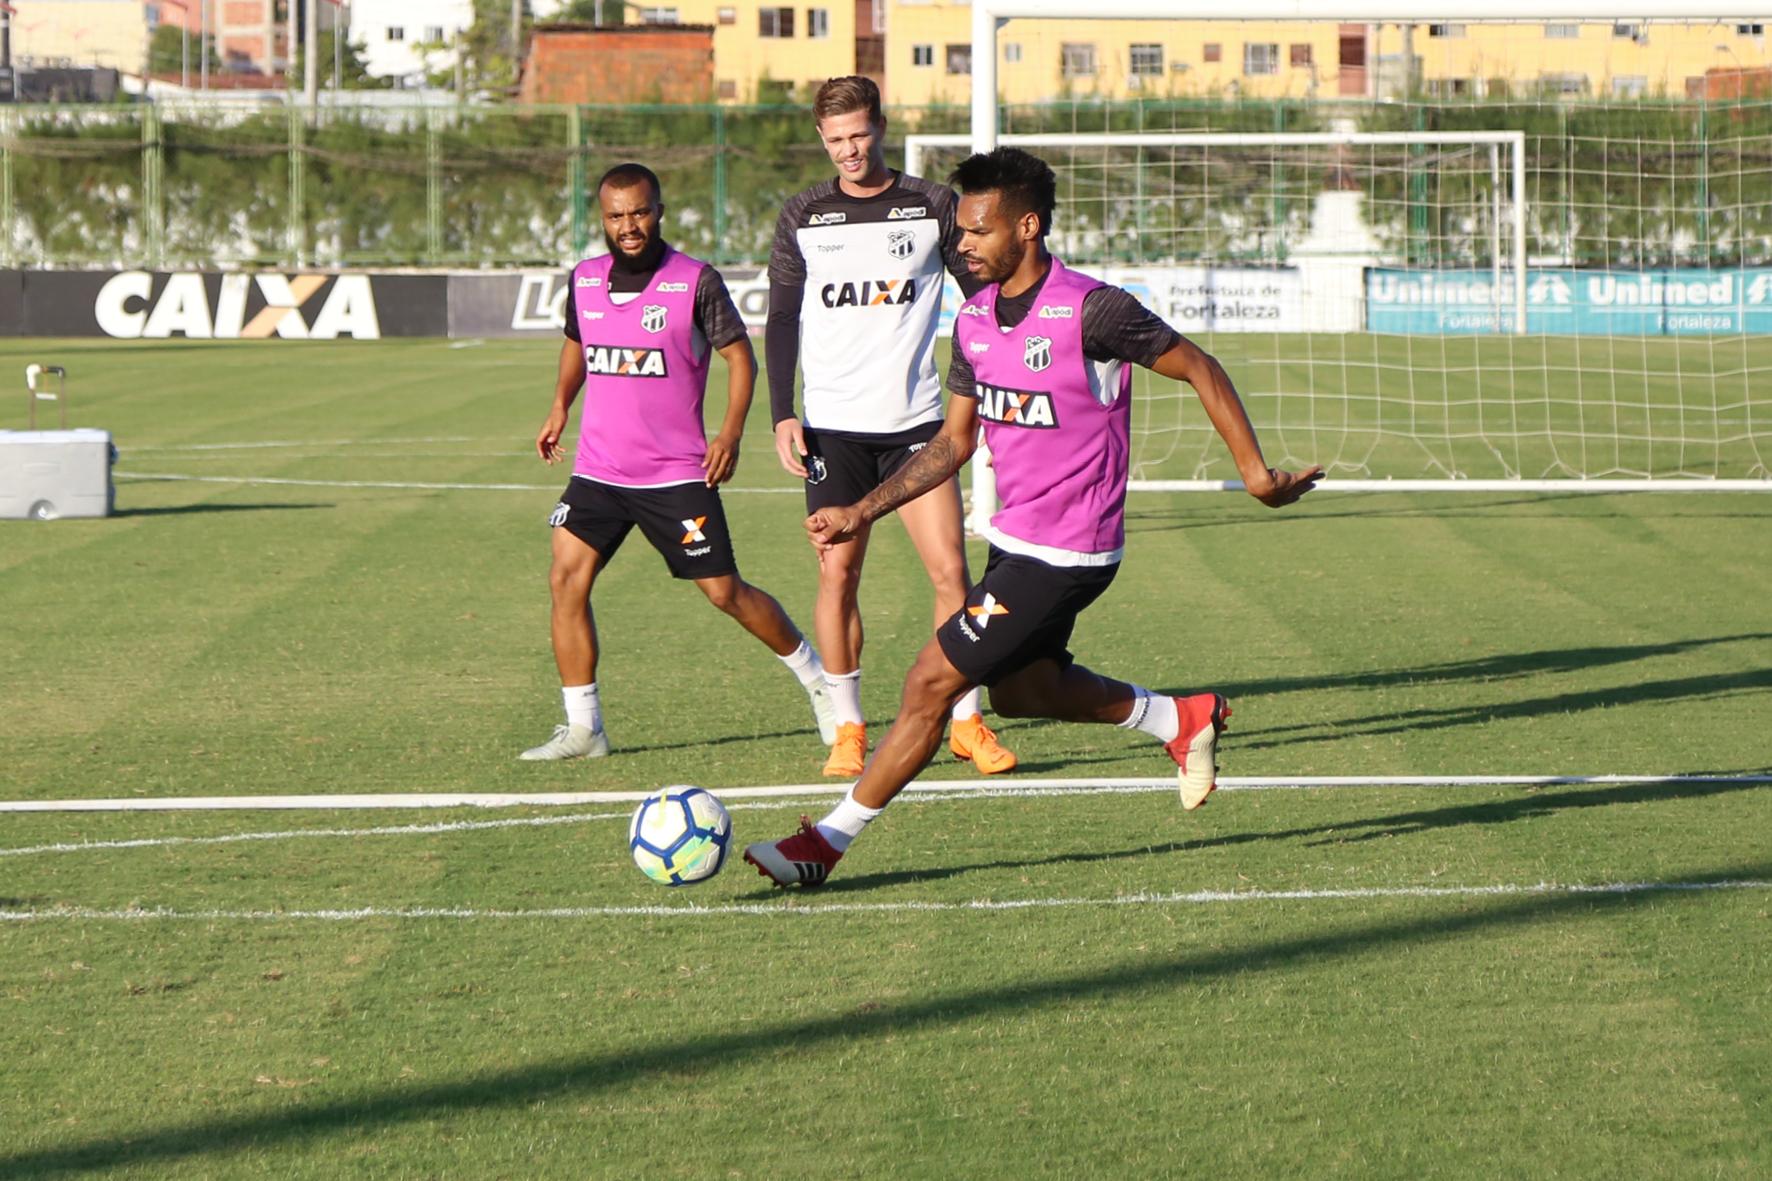 bda6b3deb7 Grupo se reapresenta em Porangabuçu e inicia preparação para jogo ...